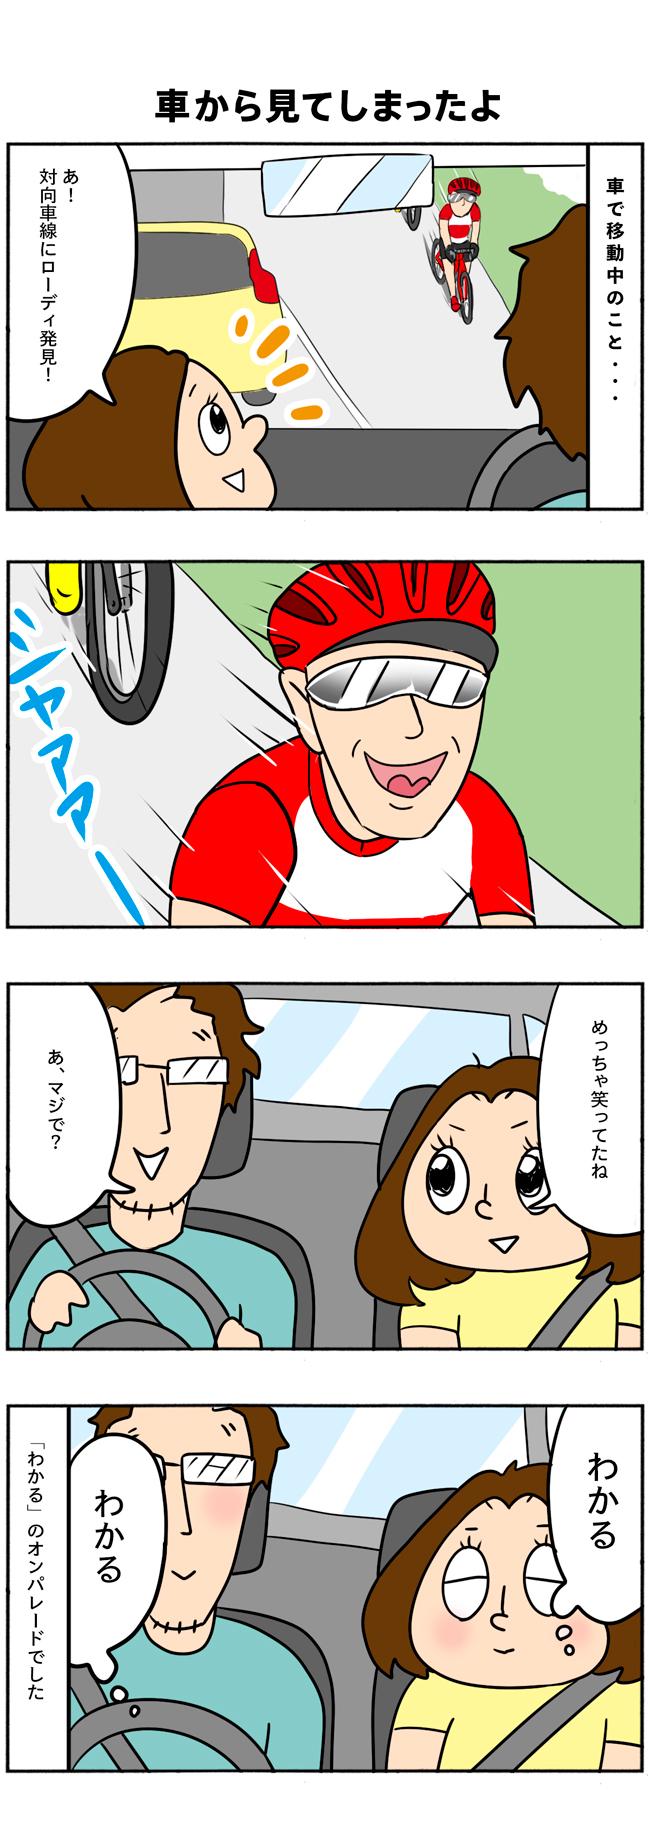 【四コマ漫画】車での移動中・・・見てしまったよ。サイクリングあるあるすぎる〜!